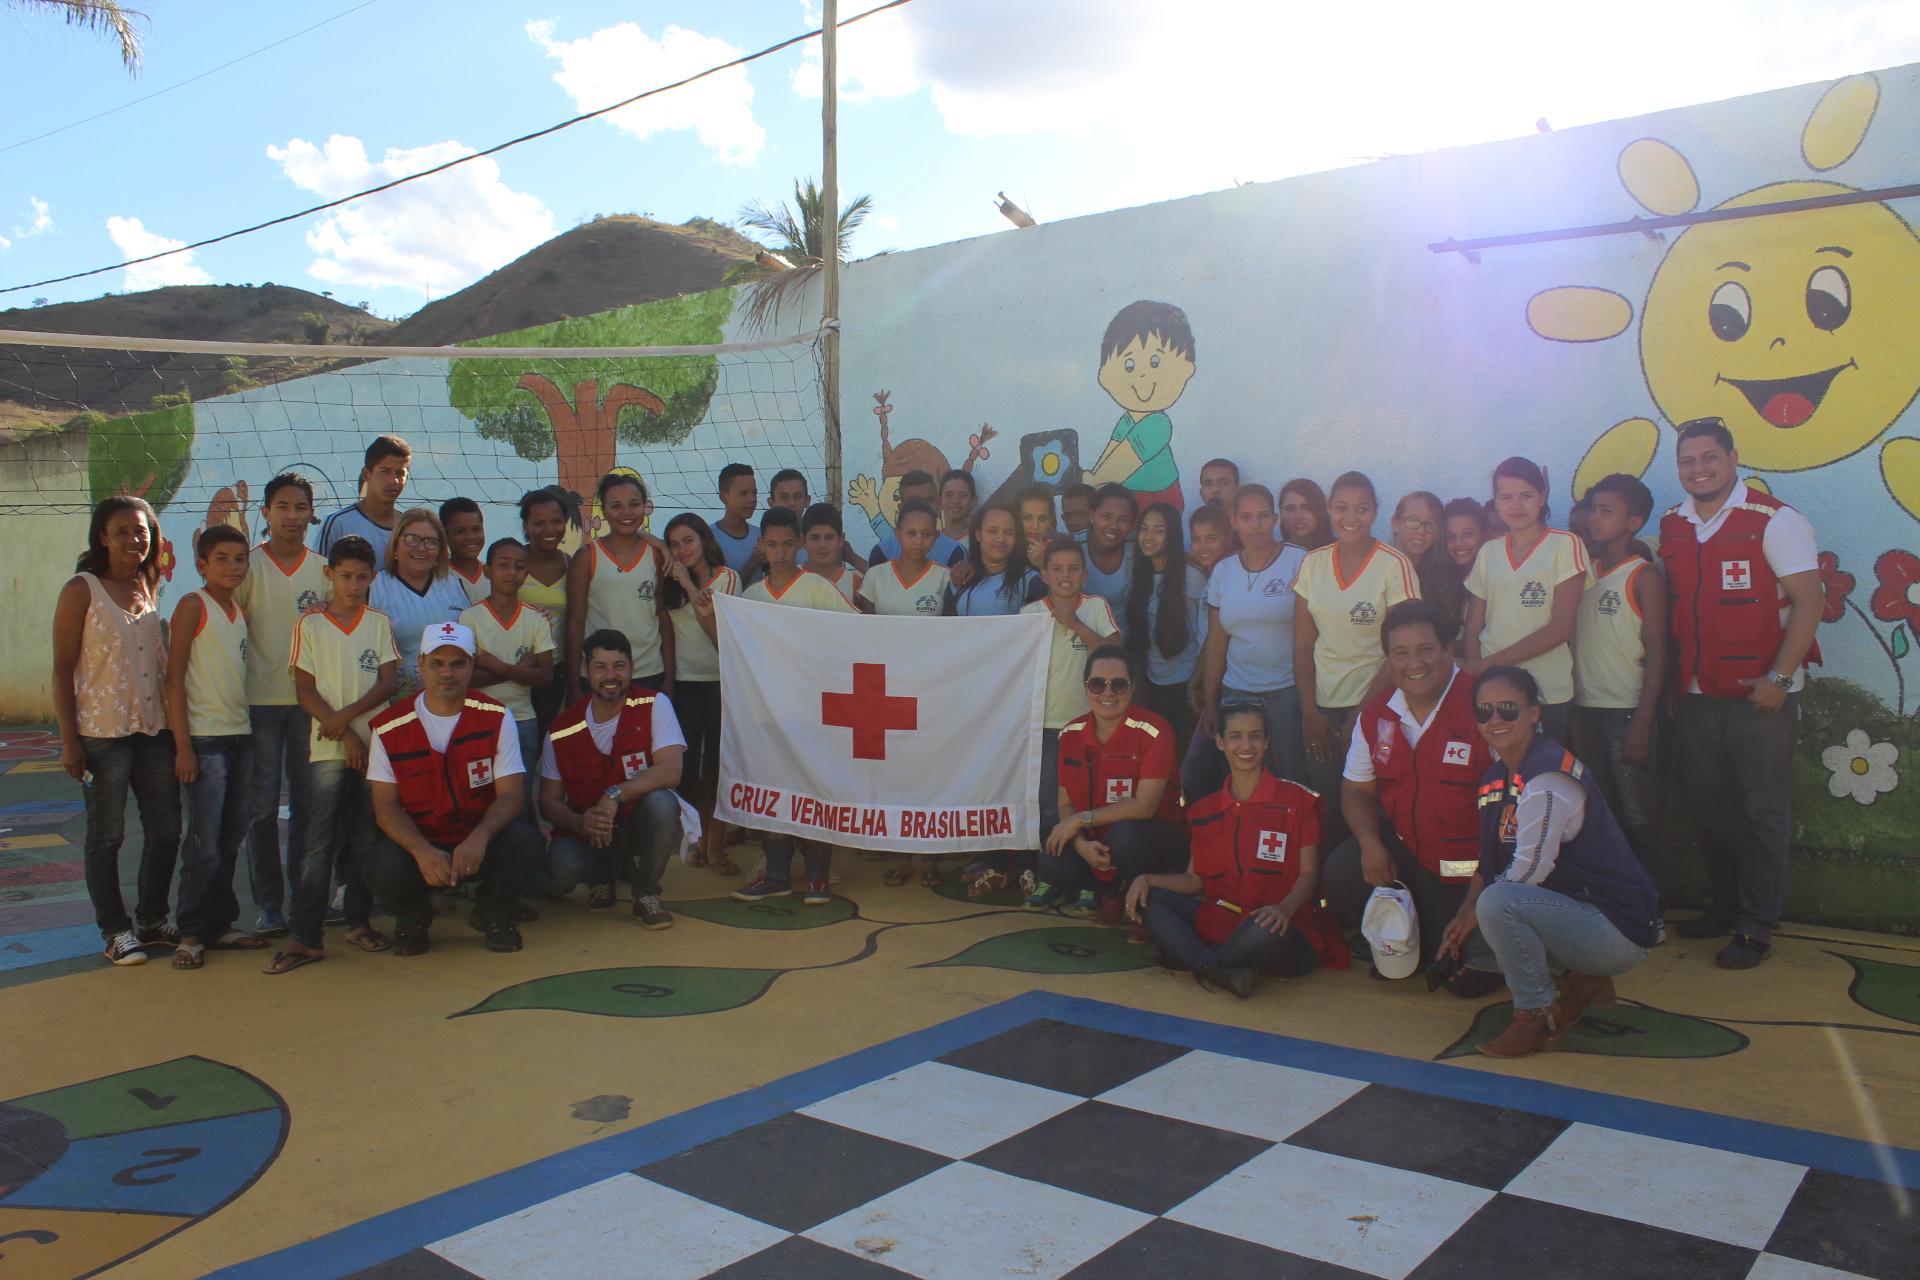 Cruz Vermelha Brasileira finaliza ação contra Febre Amarela no Vale do Mucuri (8)